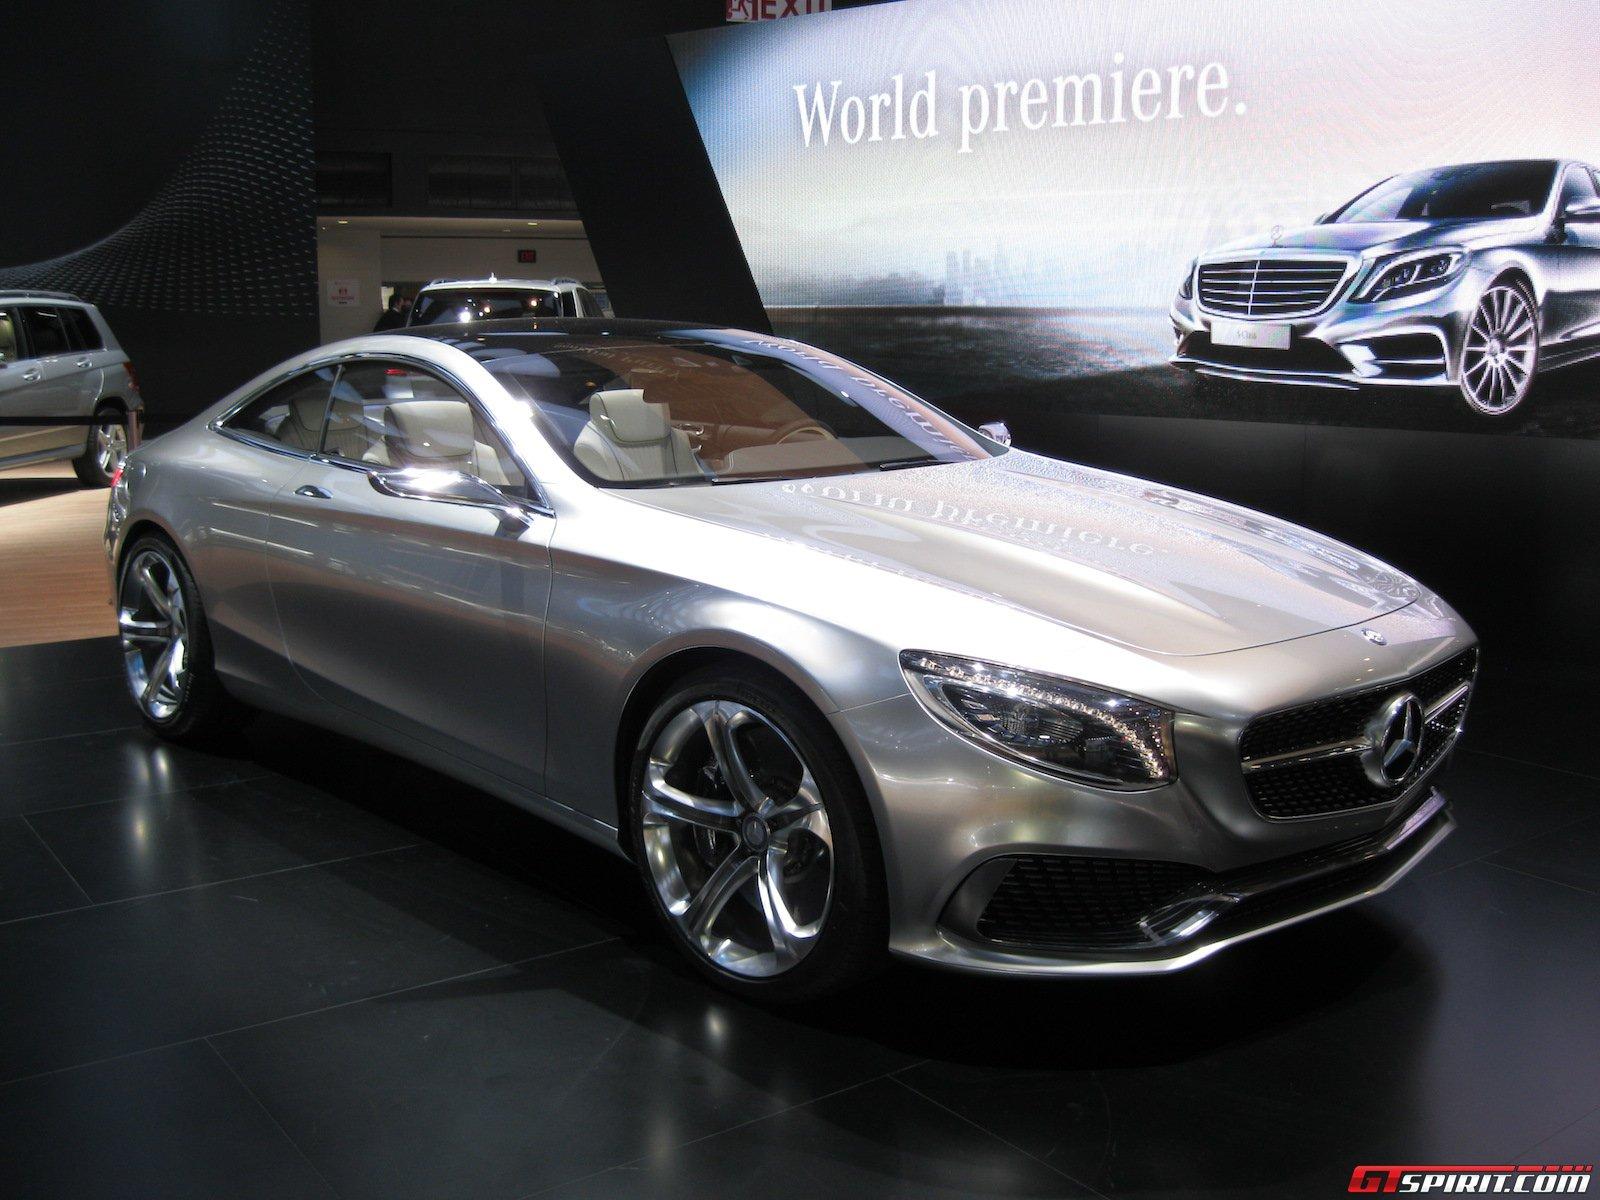 Detroit 2014 mercedes benz s class coupe concept gtspirit for Mercedes benz s class coupe 2014